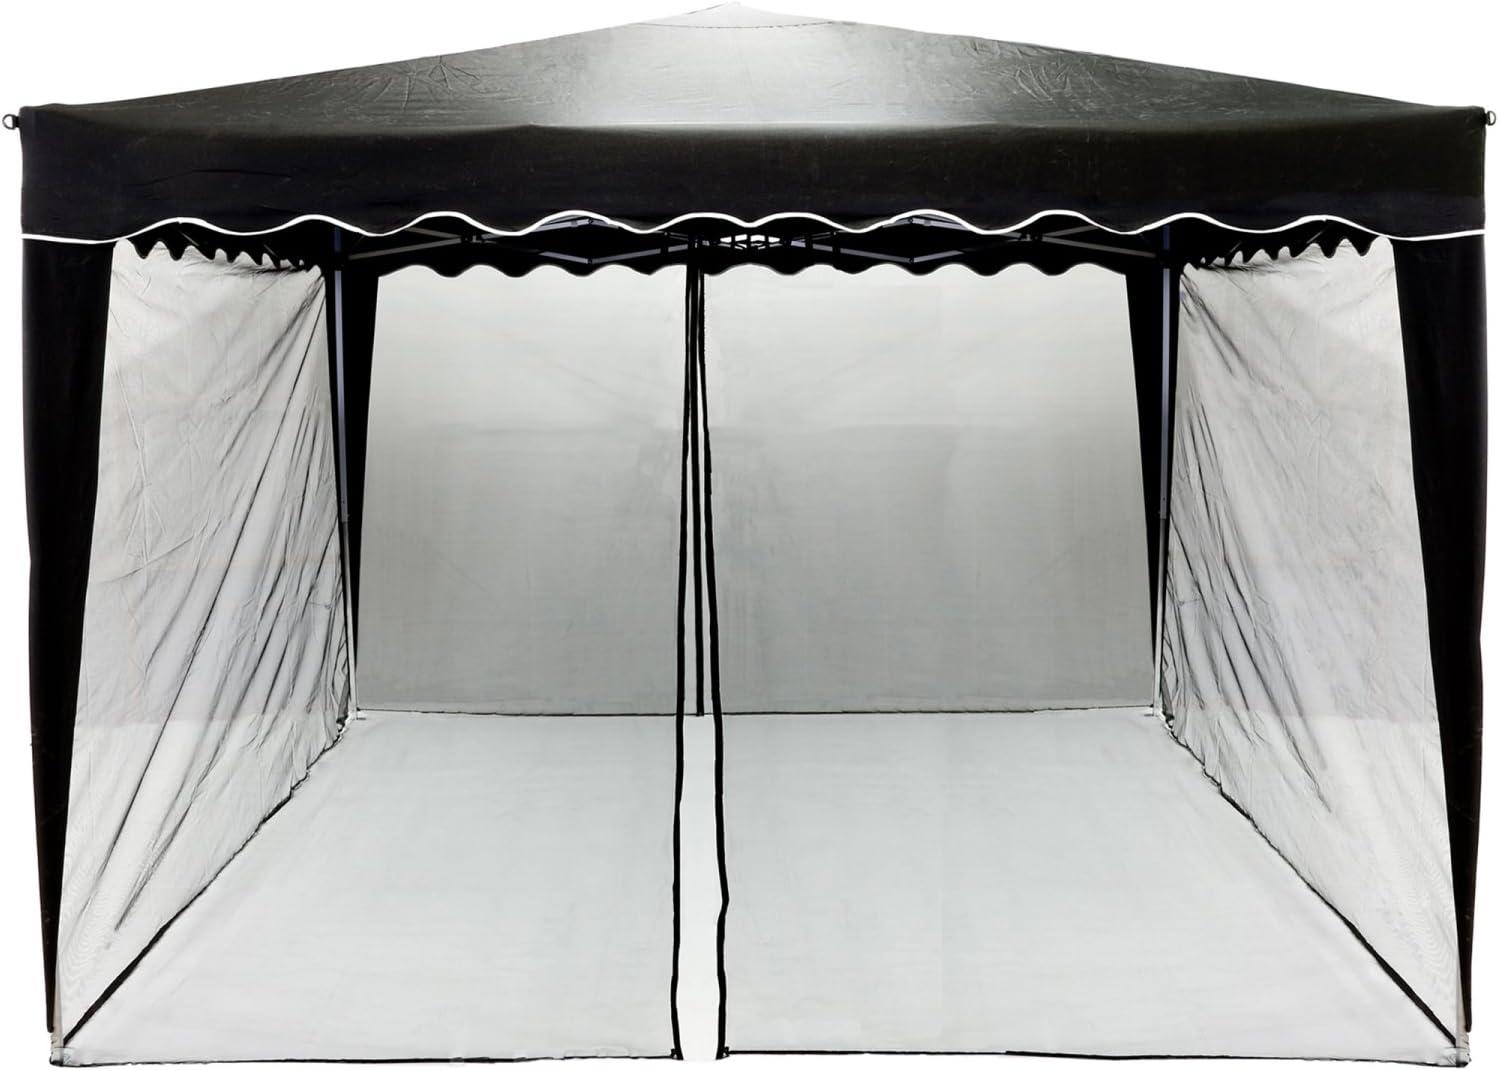 INSTENT Mosquitera para Pabellón de 3x3, la elección de los Colores: Negro o Blanco, Cremallera 2X con Tiras de Velcro para Sujetar el Panel Lateral ...